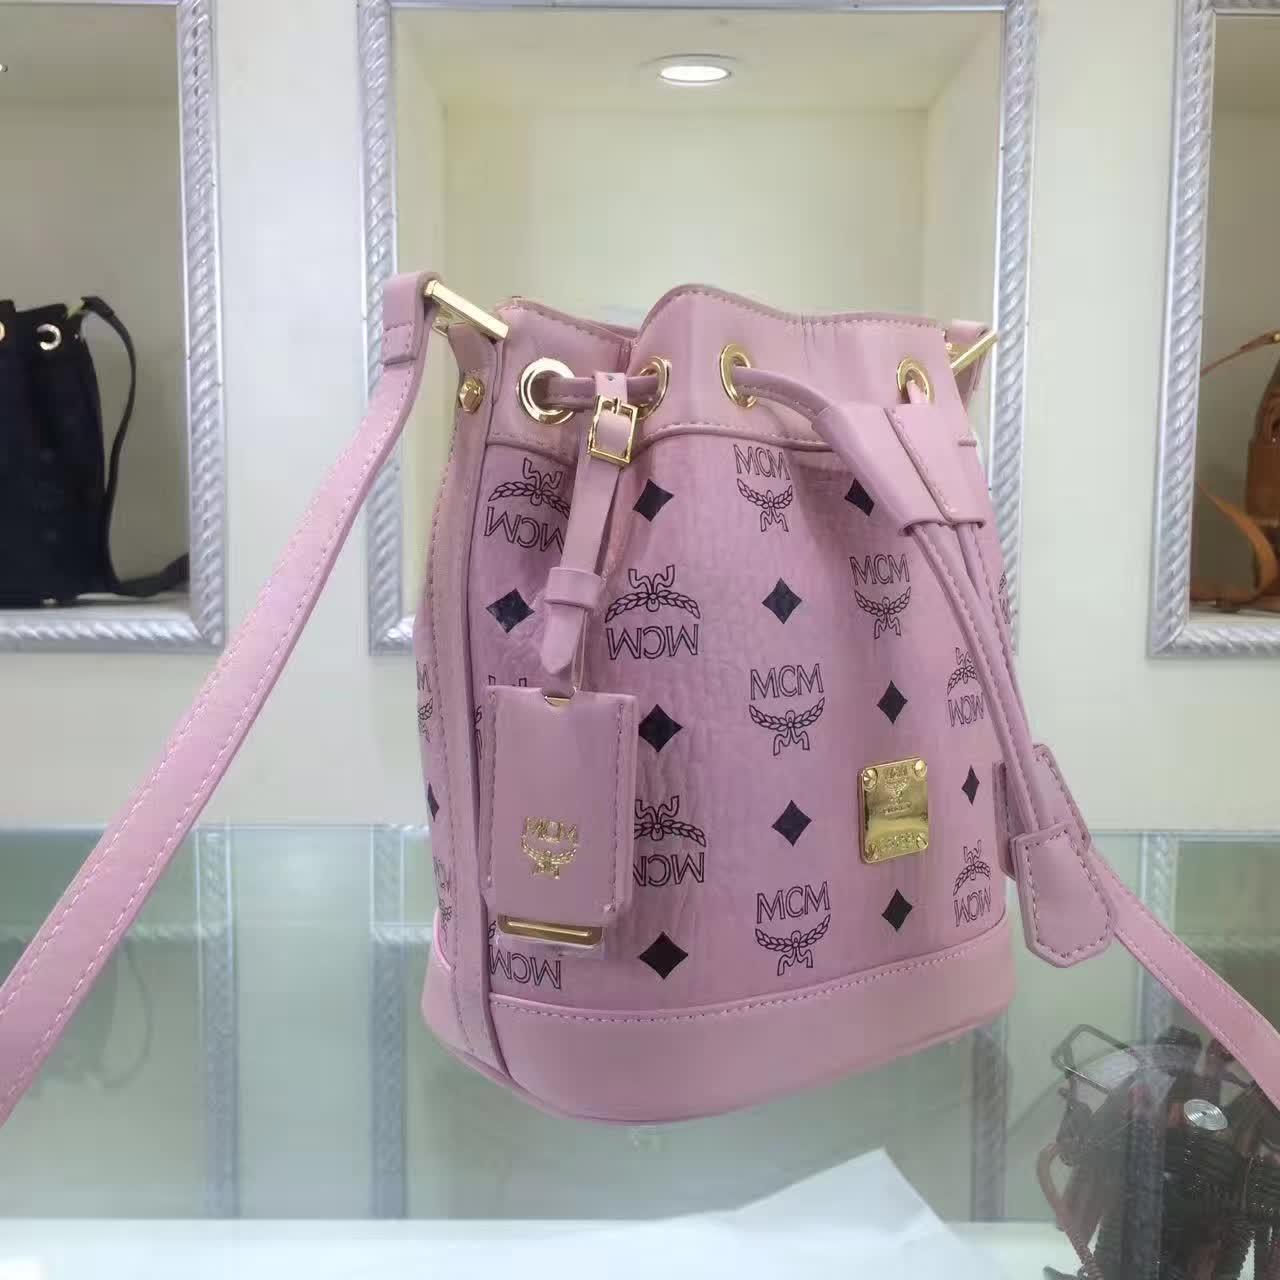 MCM2017新款 迷你单肩斜跨包水桶包 轻巧有型 时尚简约的抽绳设计 粉色